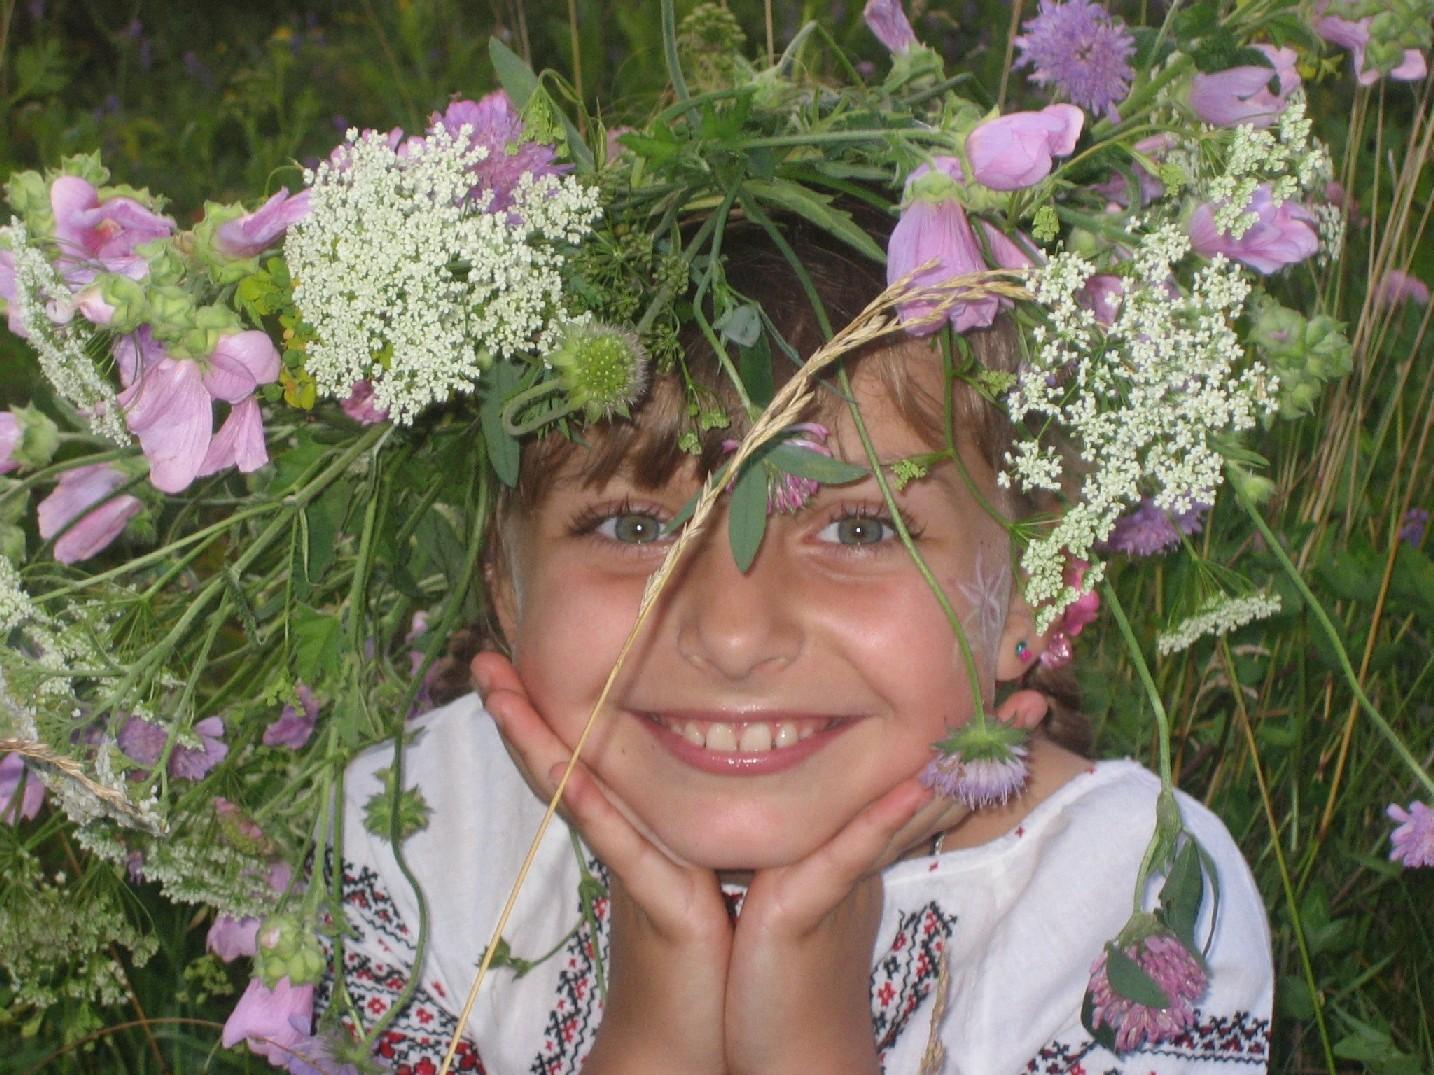 Мисс Петровки 2005. Лето - это маленькая жизнь